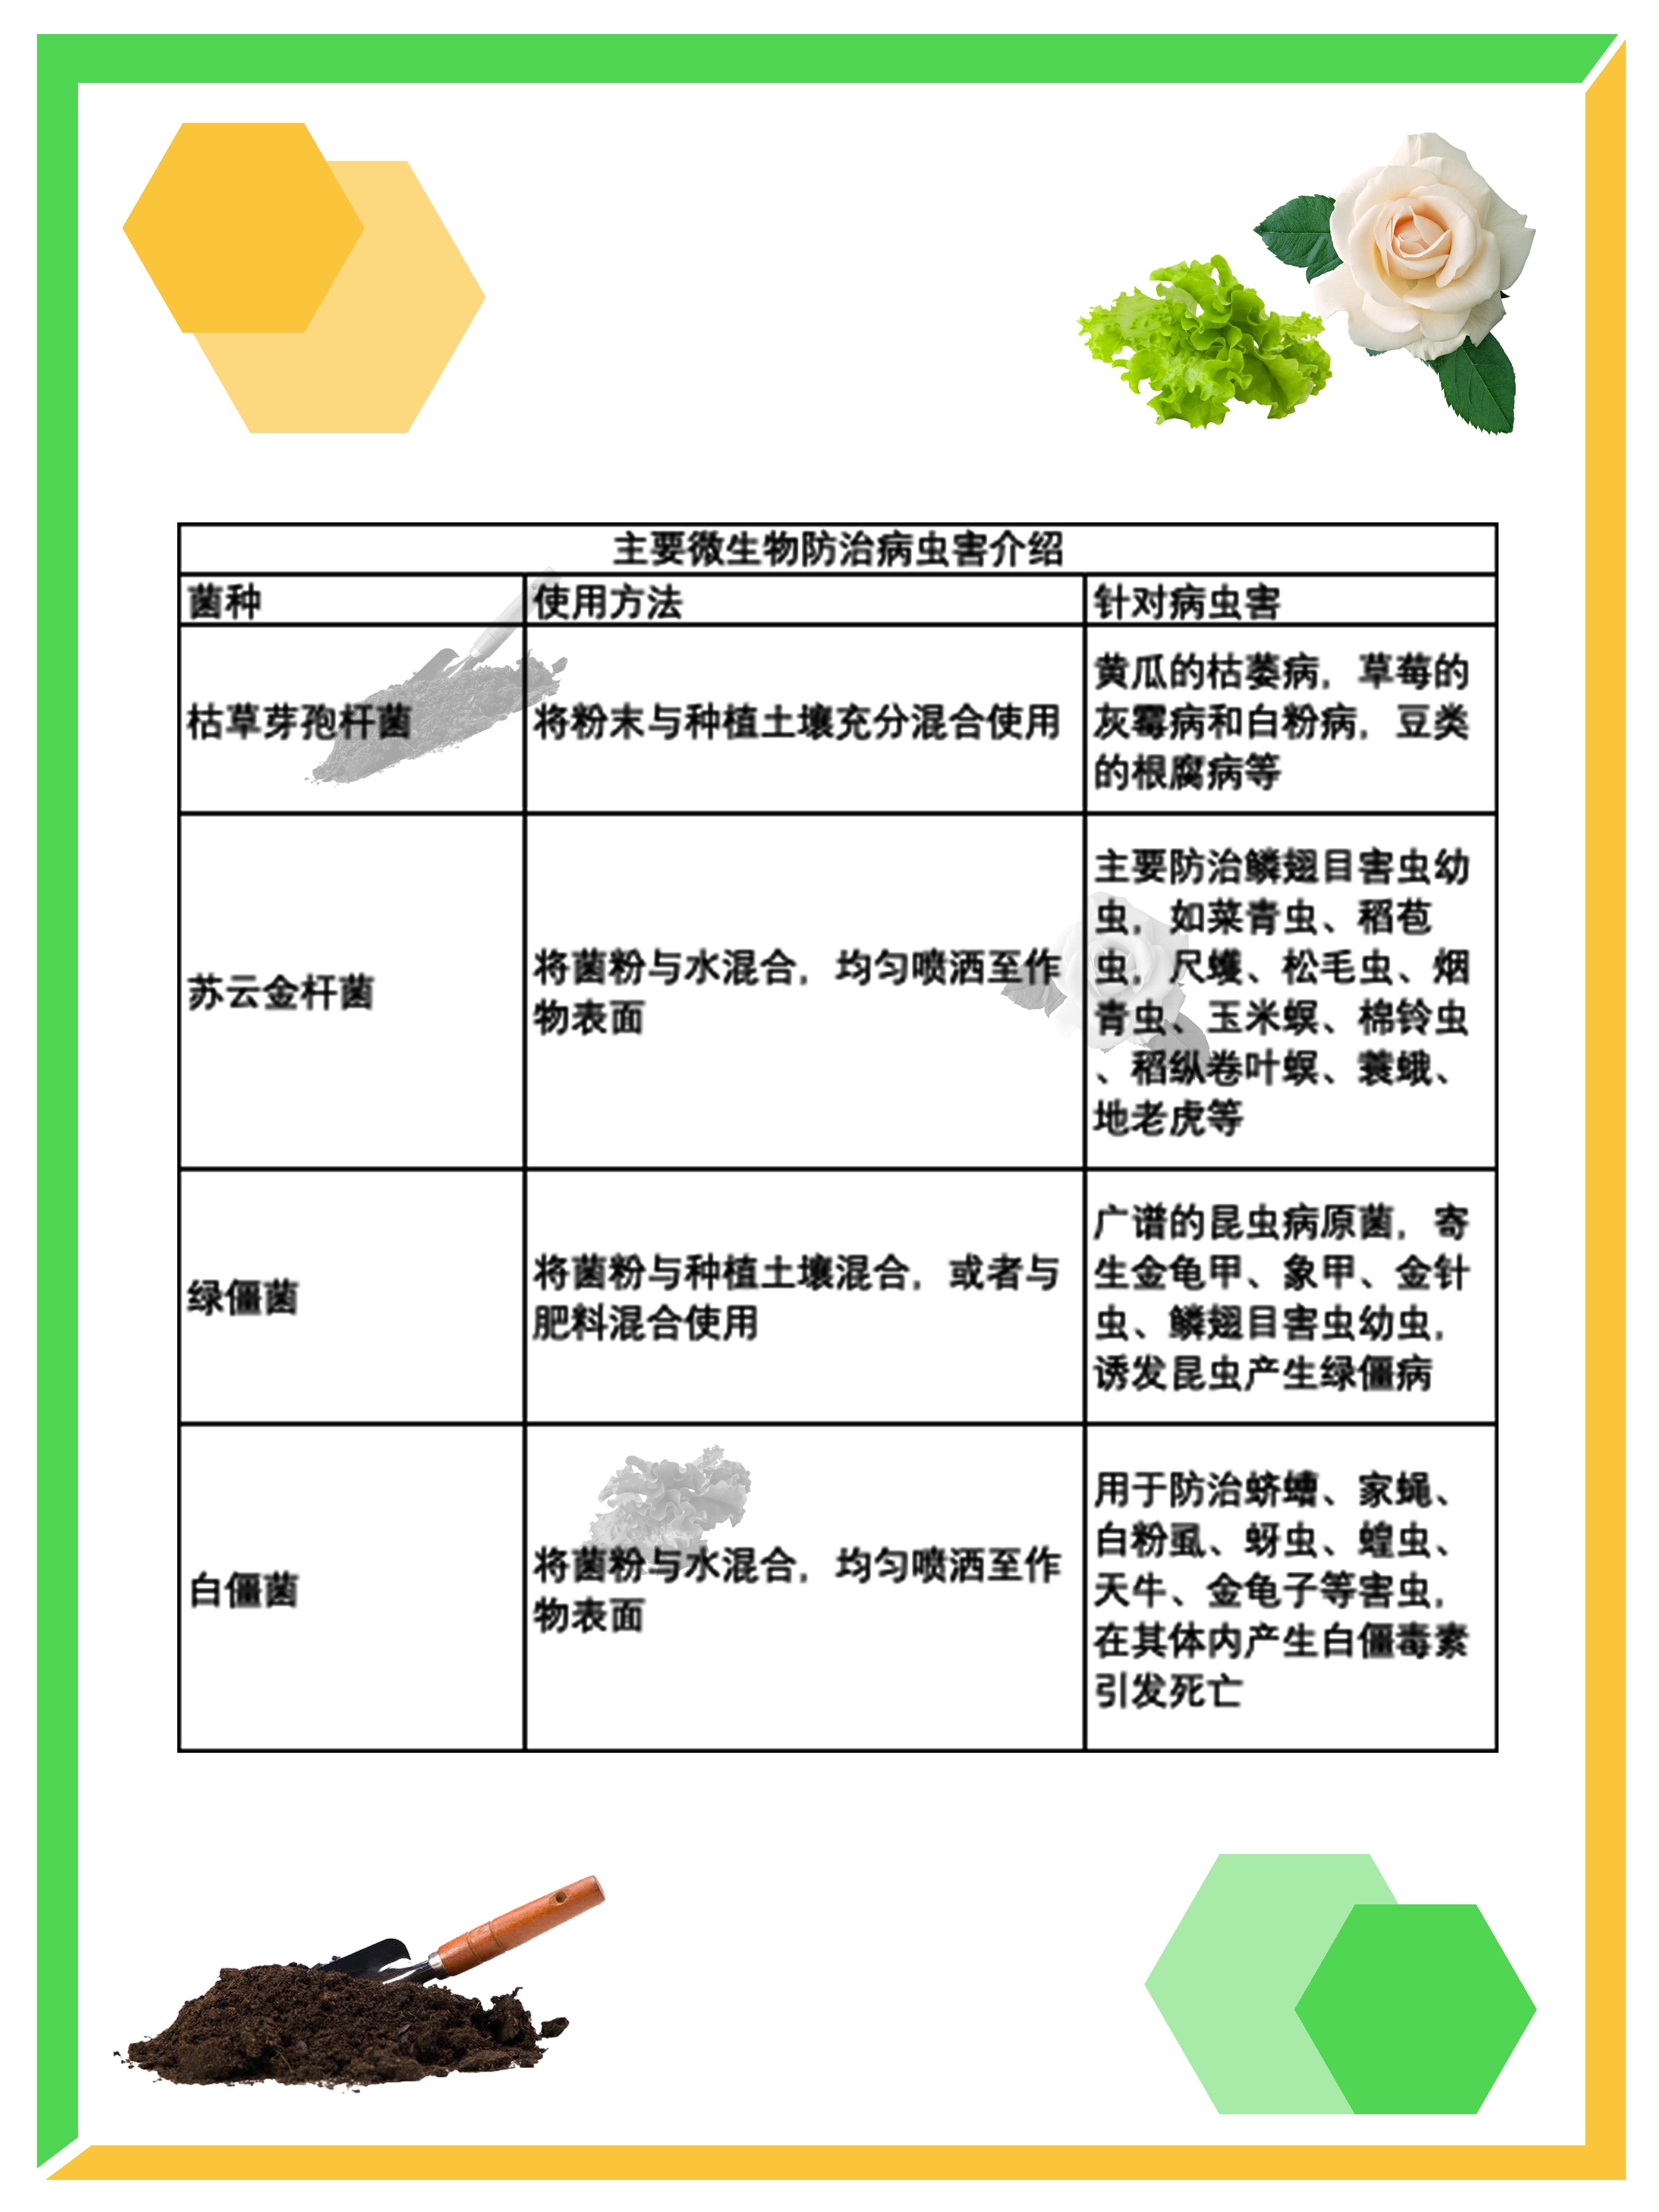 小红书菌图.jpg